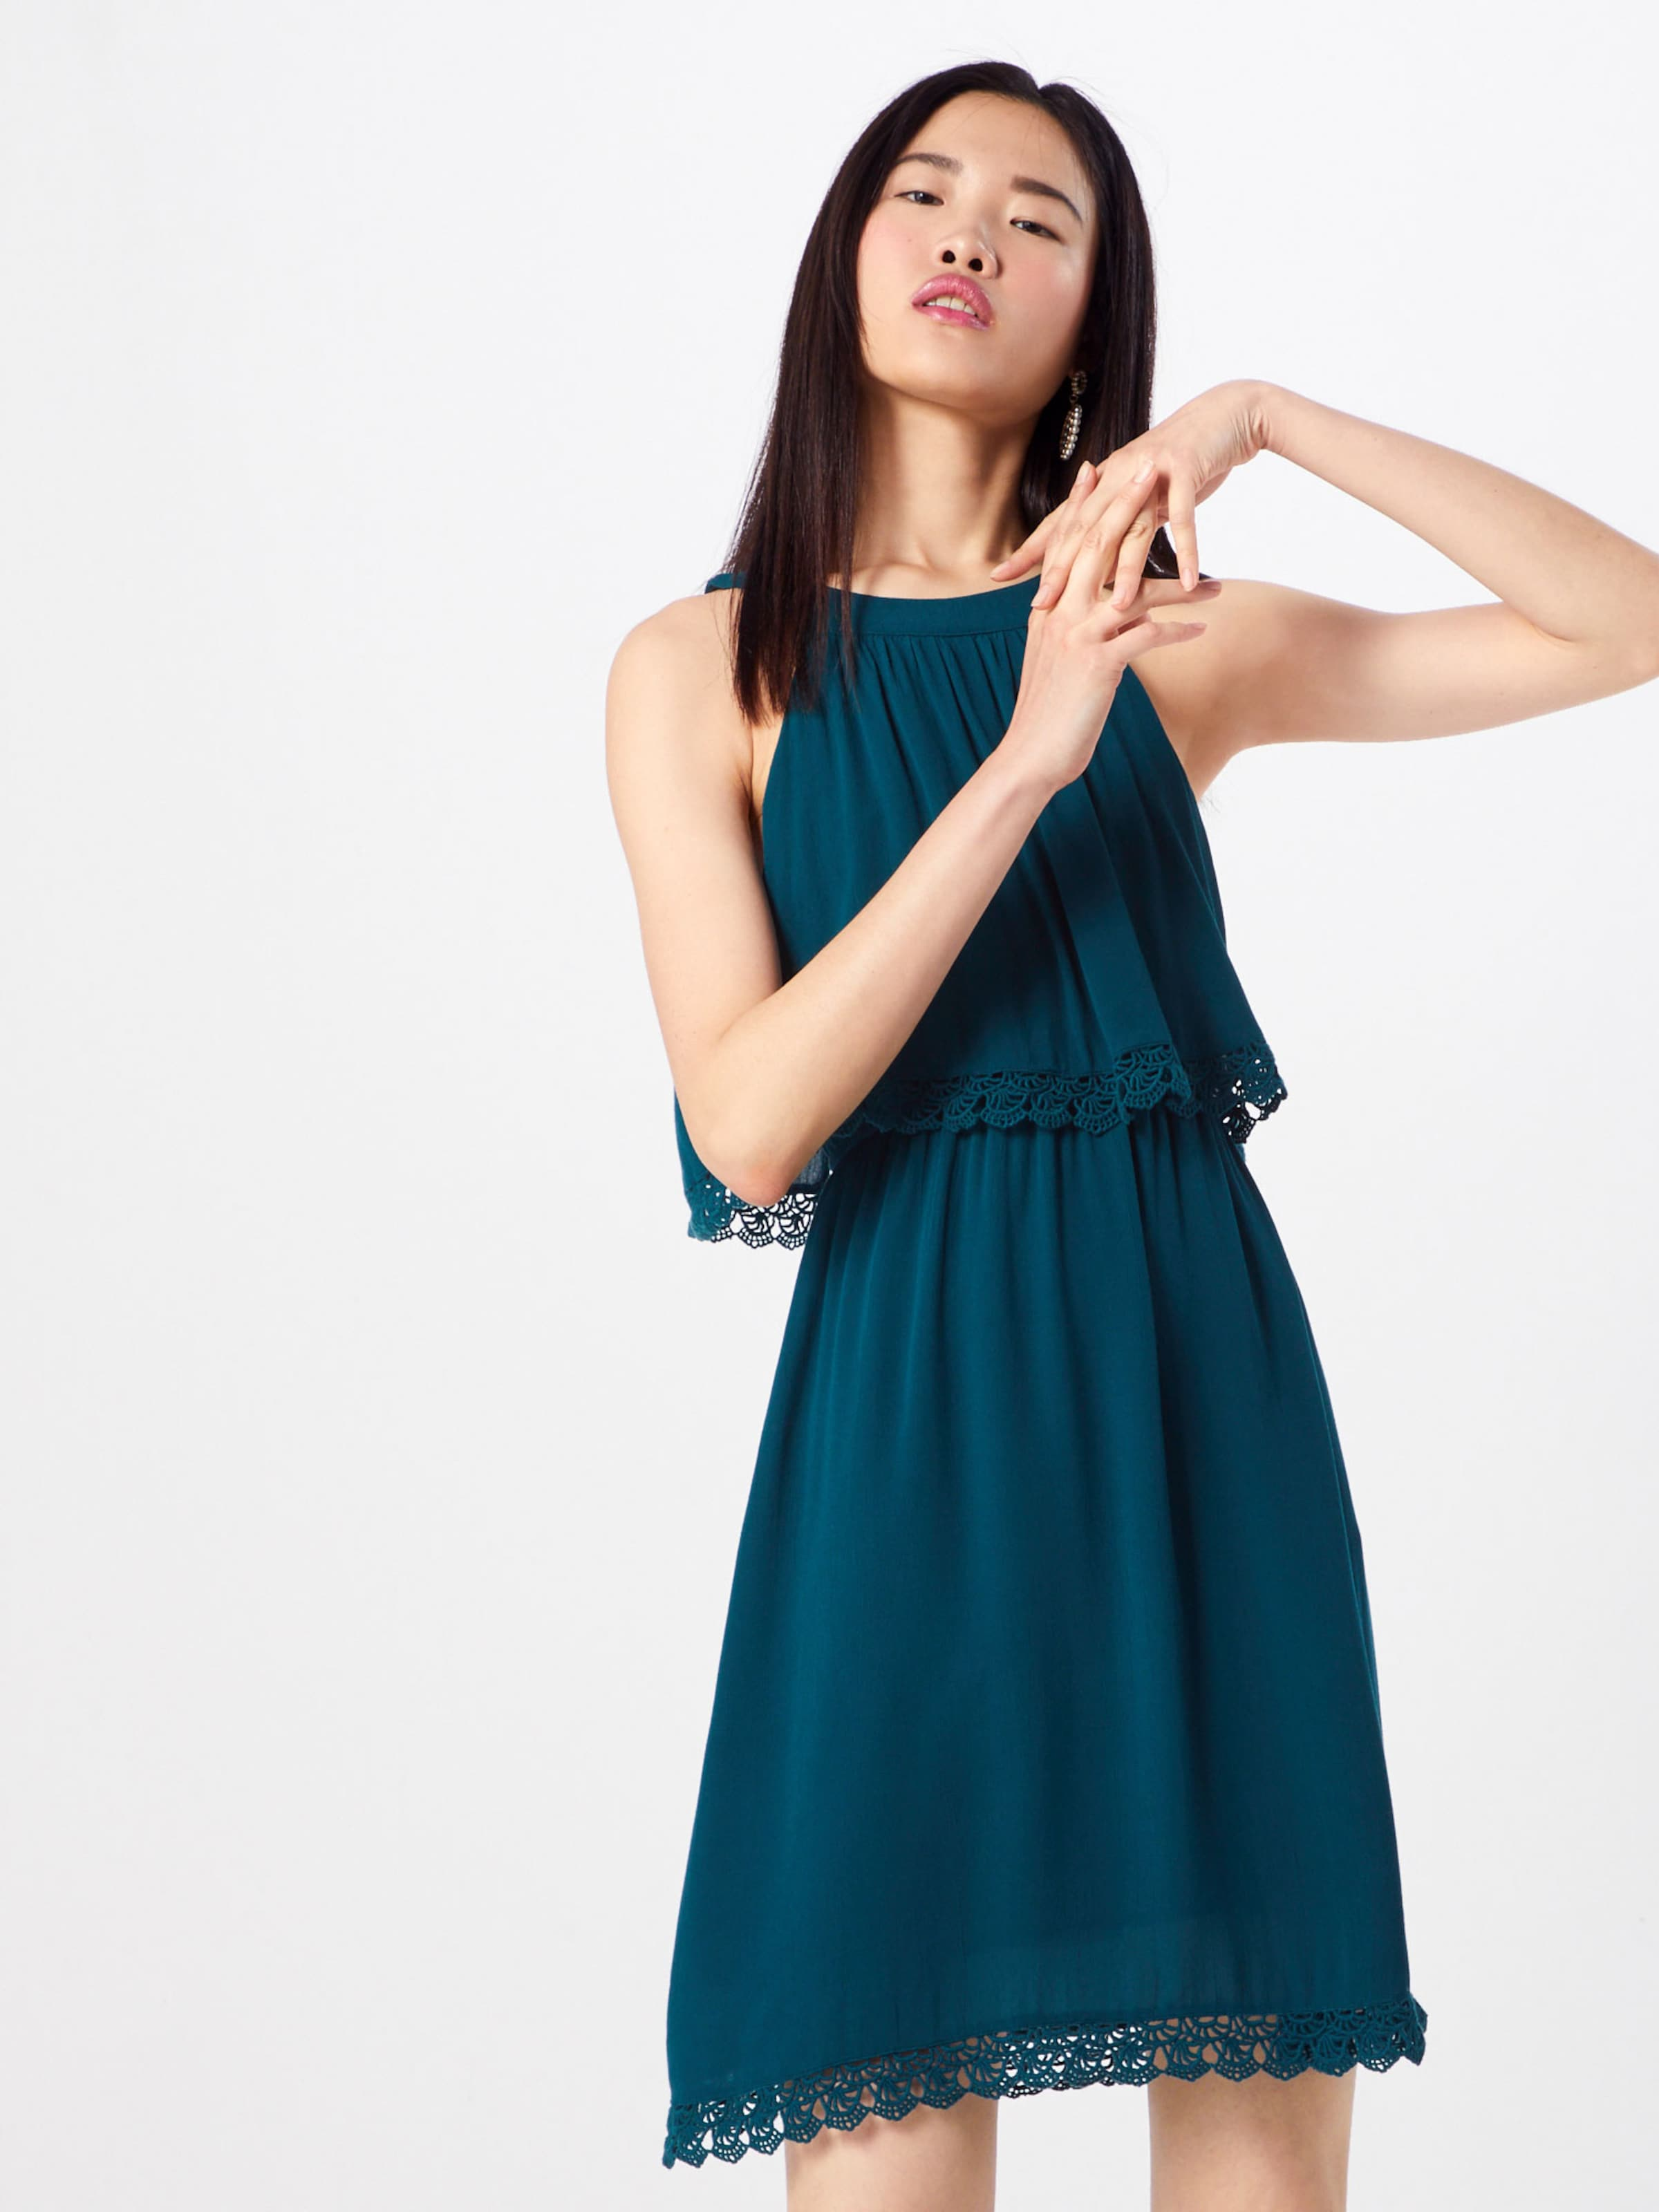 Denim D'été Lace' Robe Saumon Tom 'mini Dress Tailor En Crochet Rj435AqL